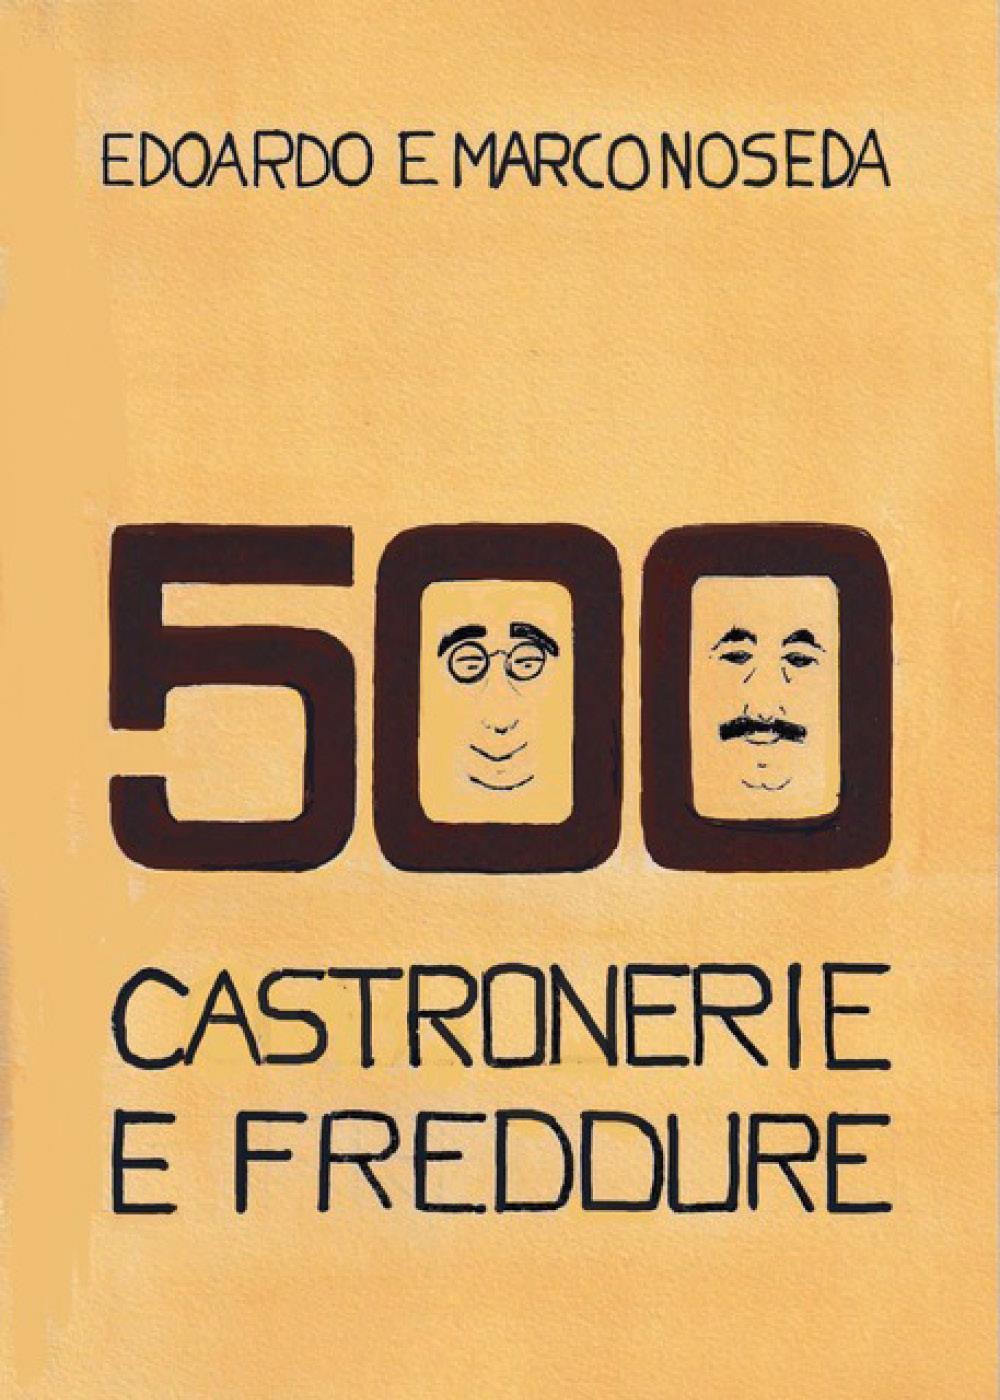 500 Castronerie e Freddure